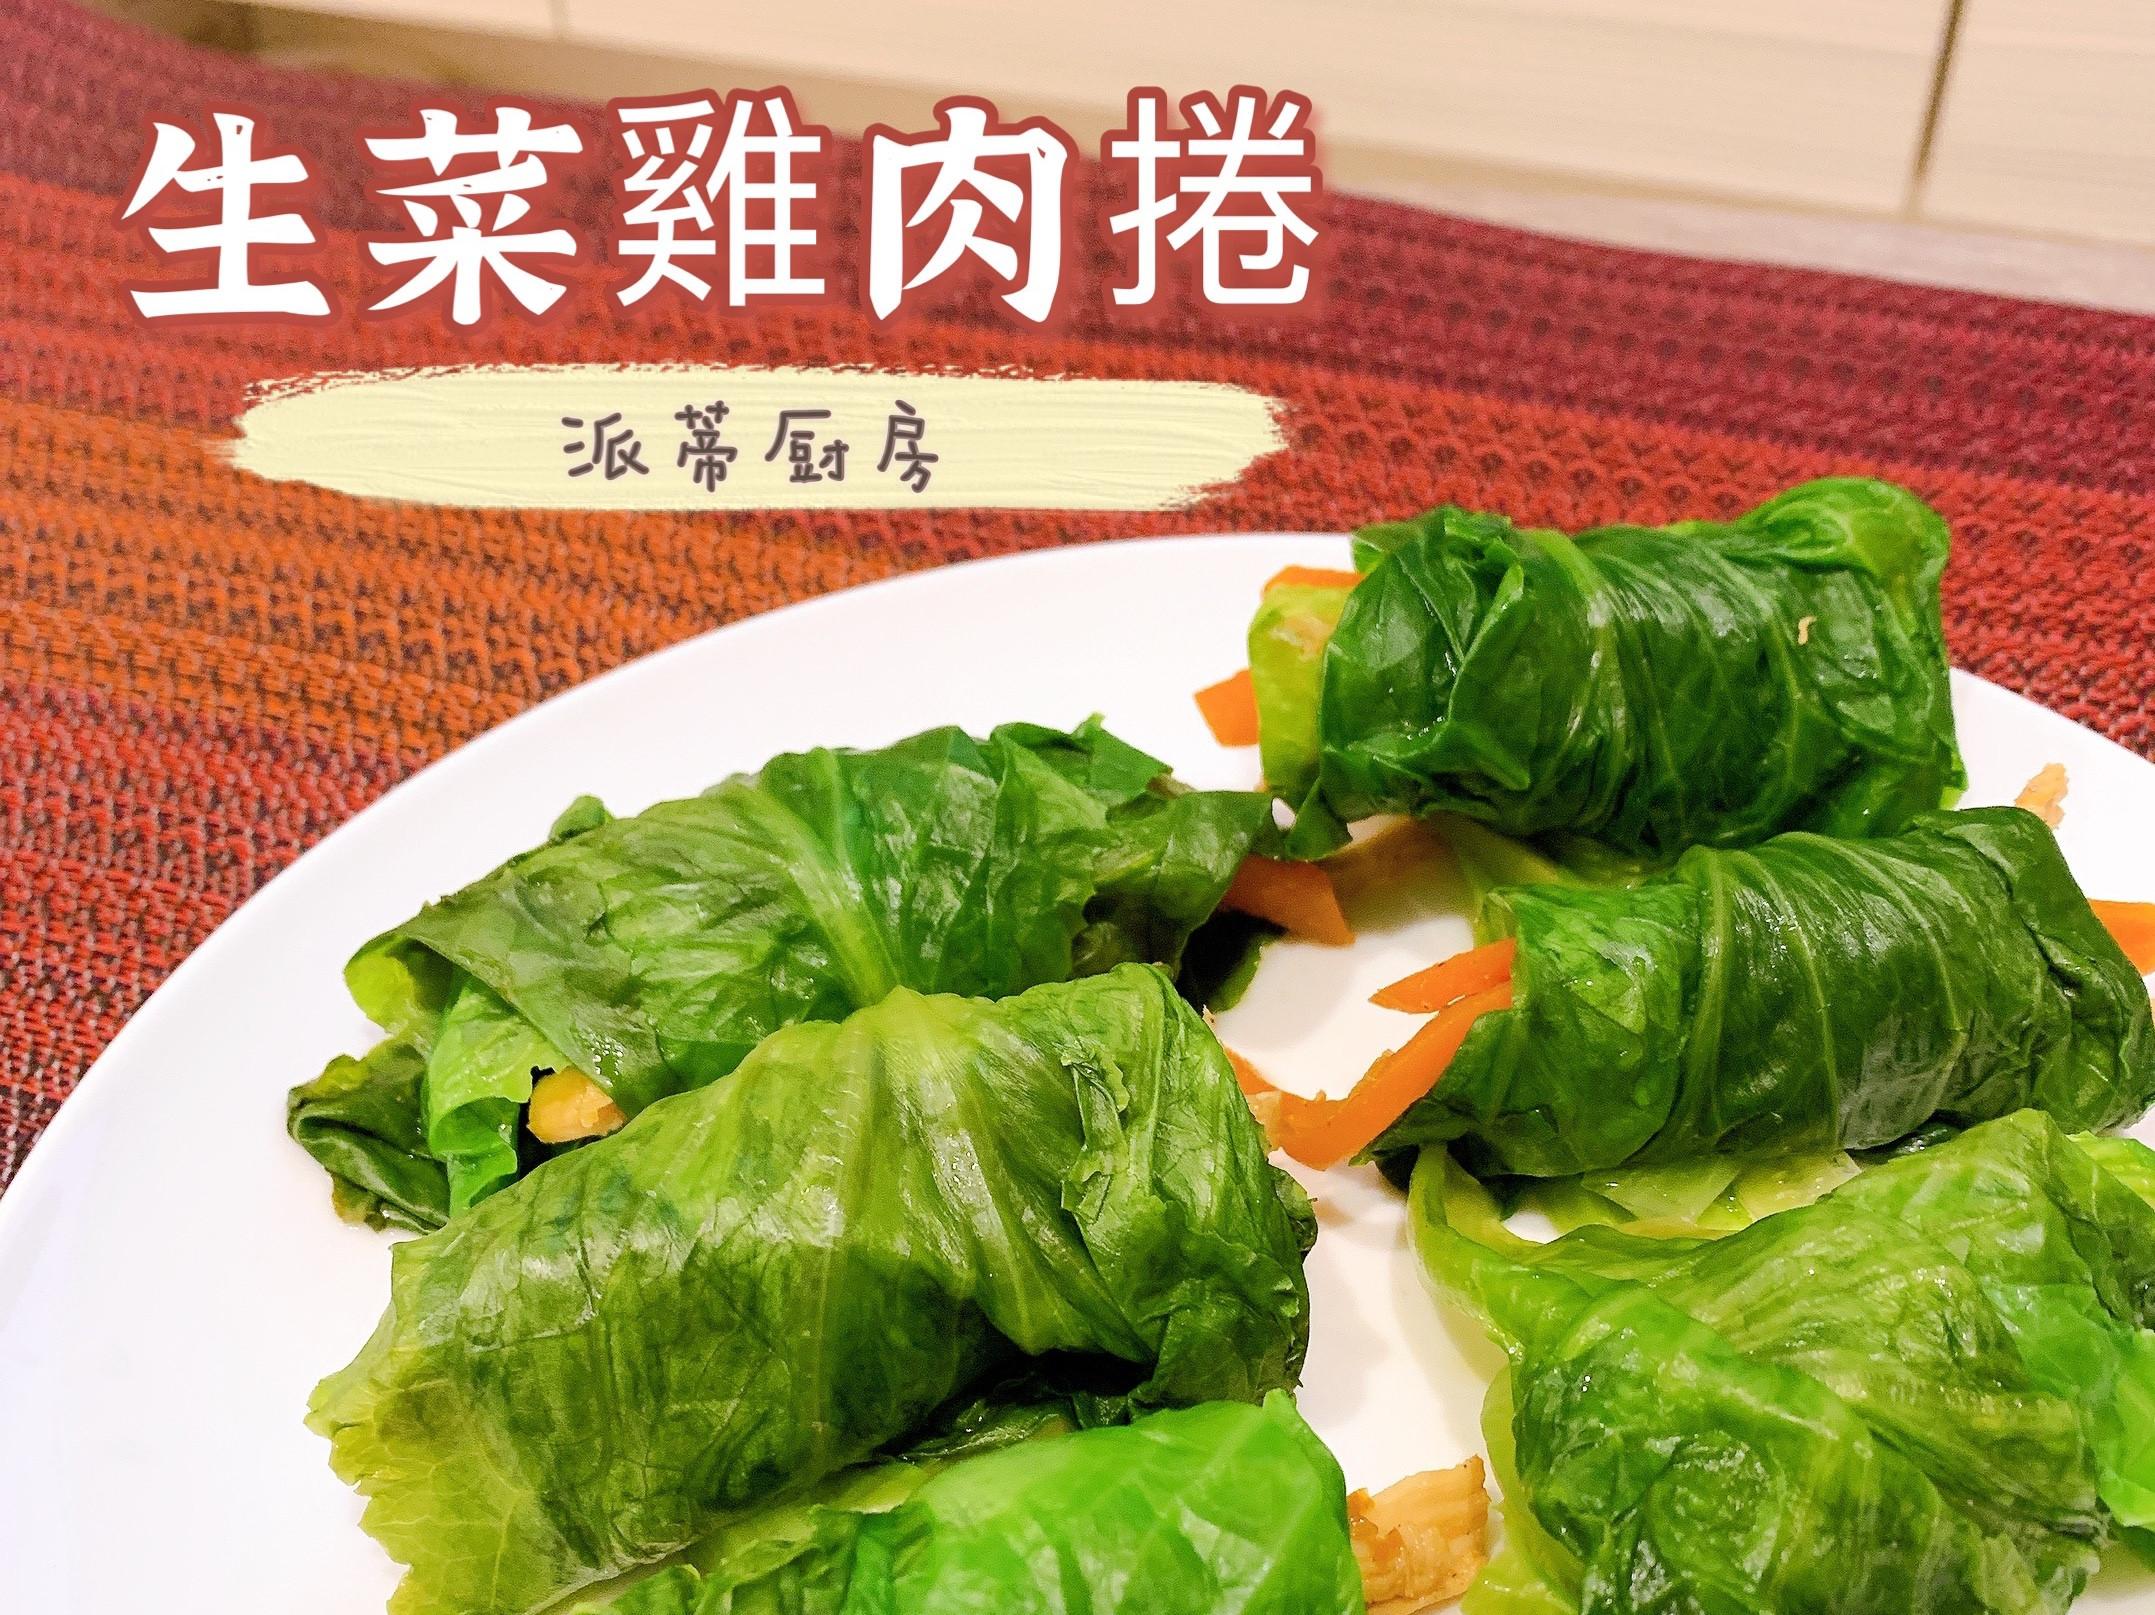 [減脂食譜]生菜雞肉捲 減脂期也能爽爽吃